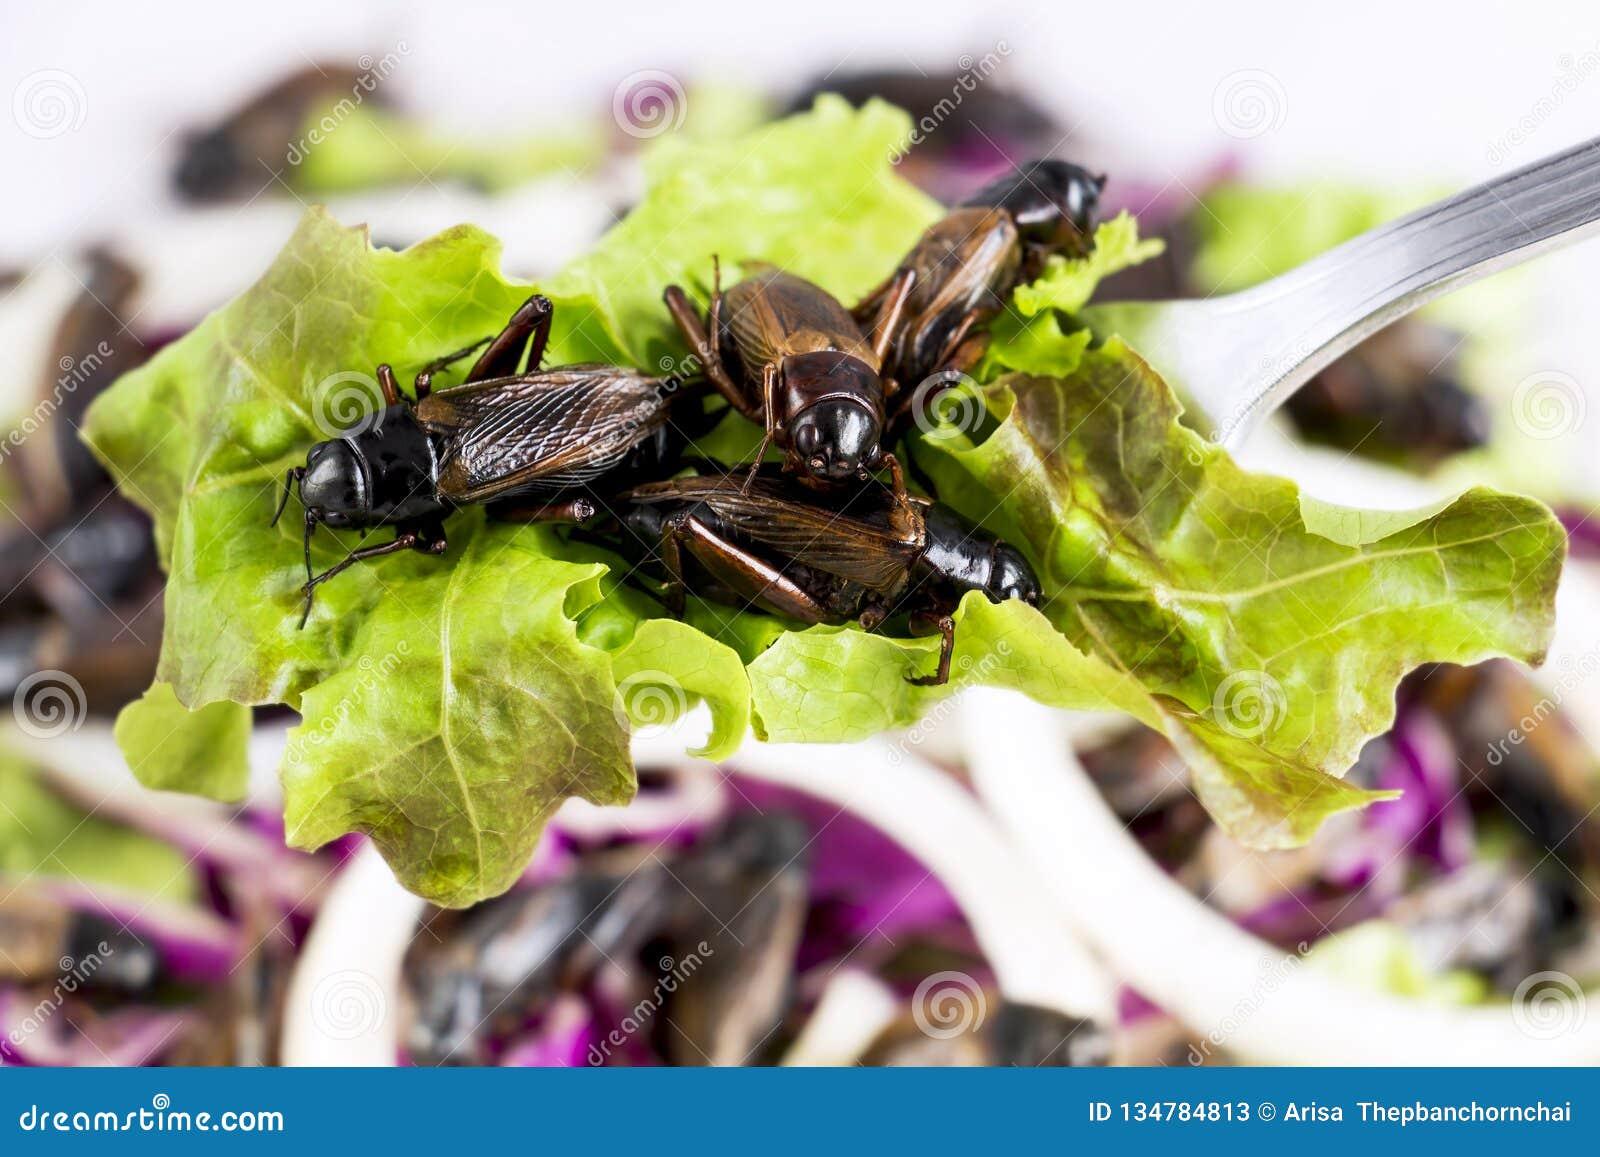 食物昆虫:为吃油煎的蟋蟀昆虫当食品项目在匙子和在沙拉菜,这是可食好的蛋白质来源